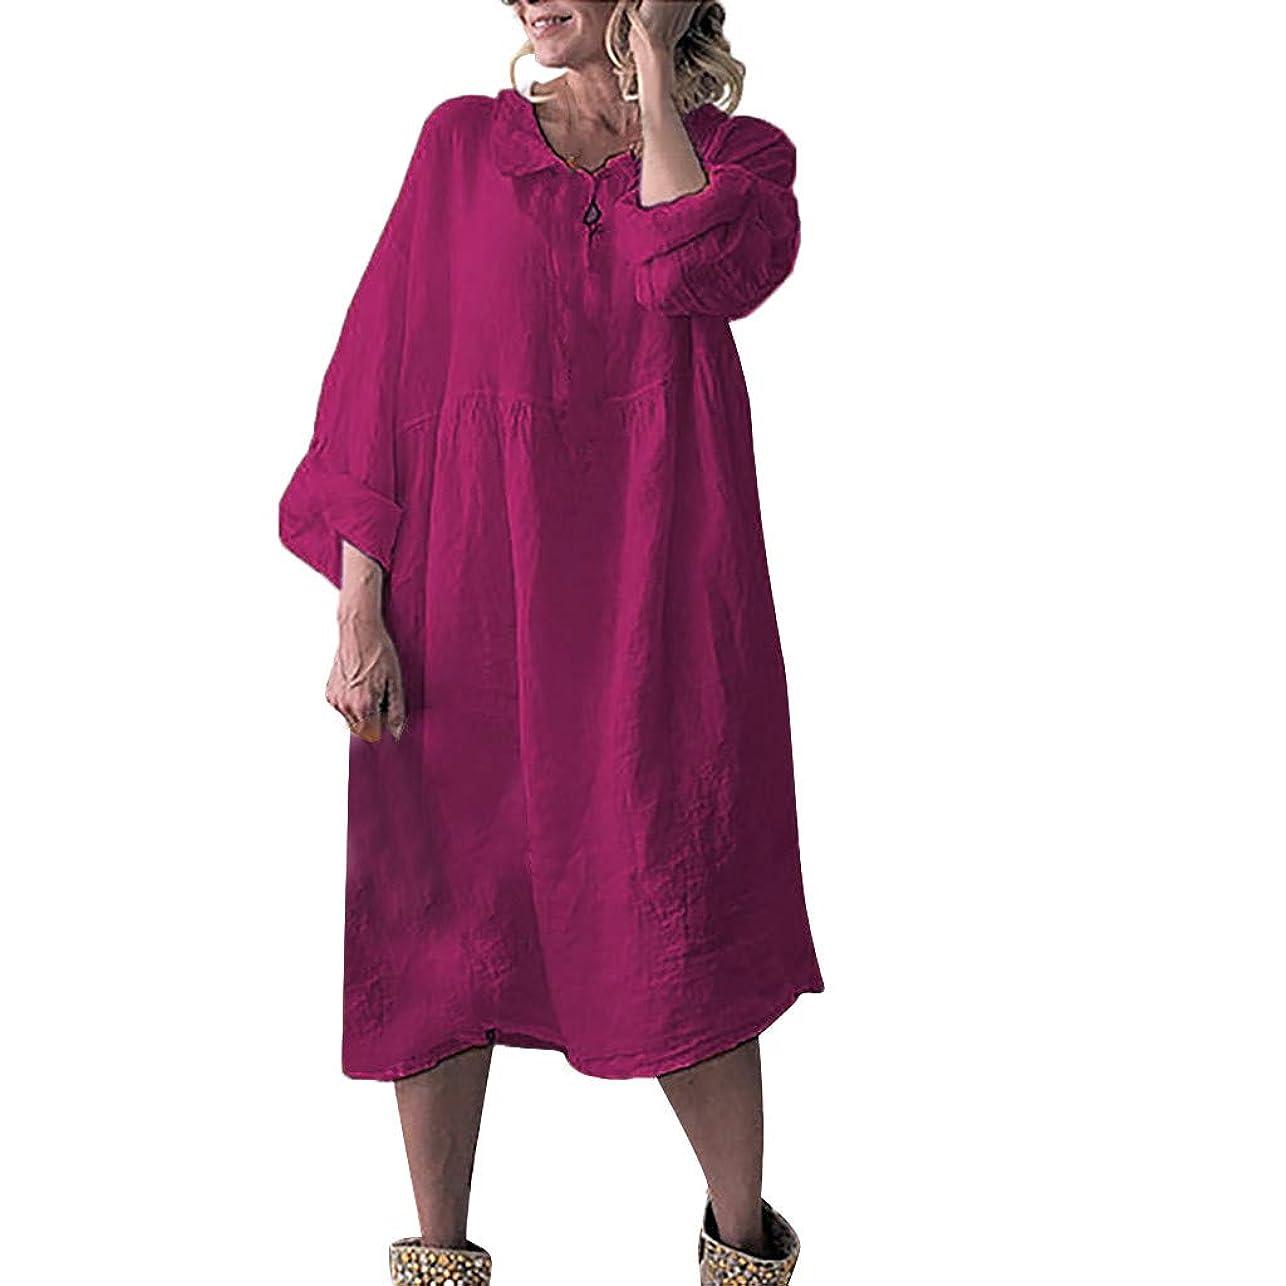 負誘う性交ワンピース レディース Rexzo ゆったり 純色 七分袖 綿麻ワンピース ひざ下 膝丈 ロングスカート シンプル カジュアル リネンワンピ 女性ウエア ファッション スカート おしゃれ 優しい風合い ワンピース 日常 お出かけ パーティー